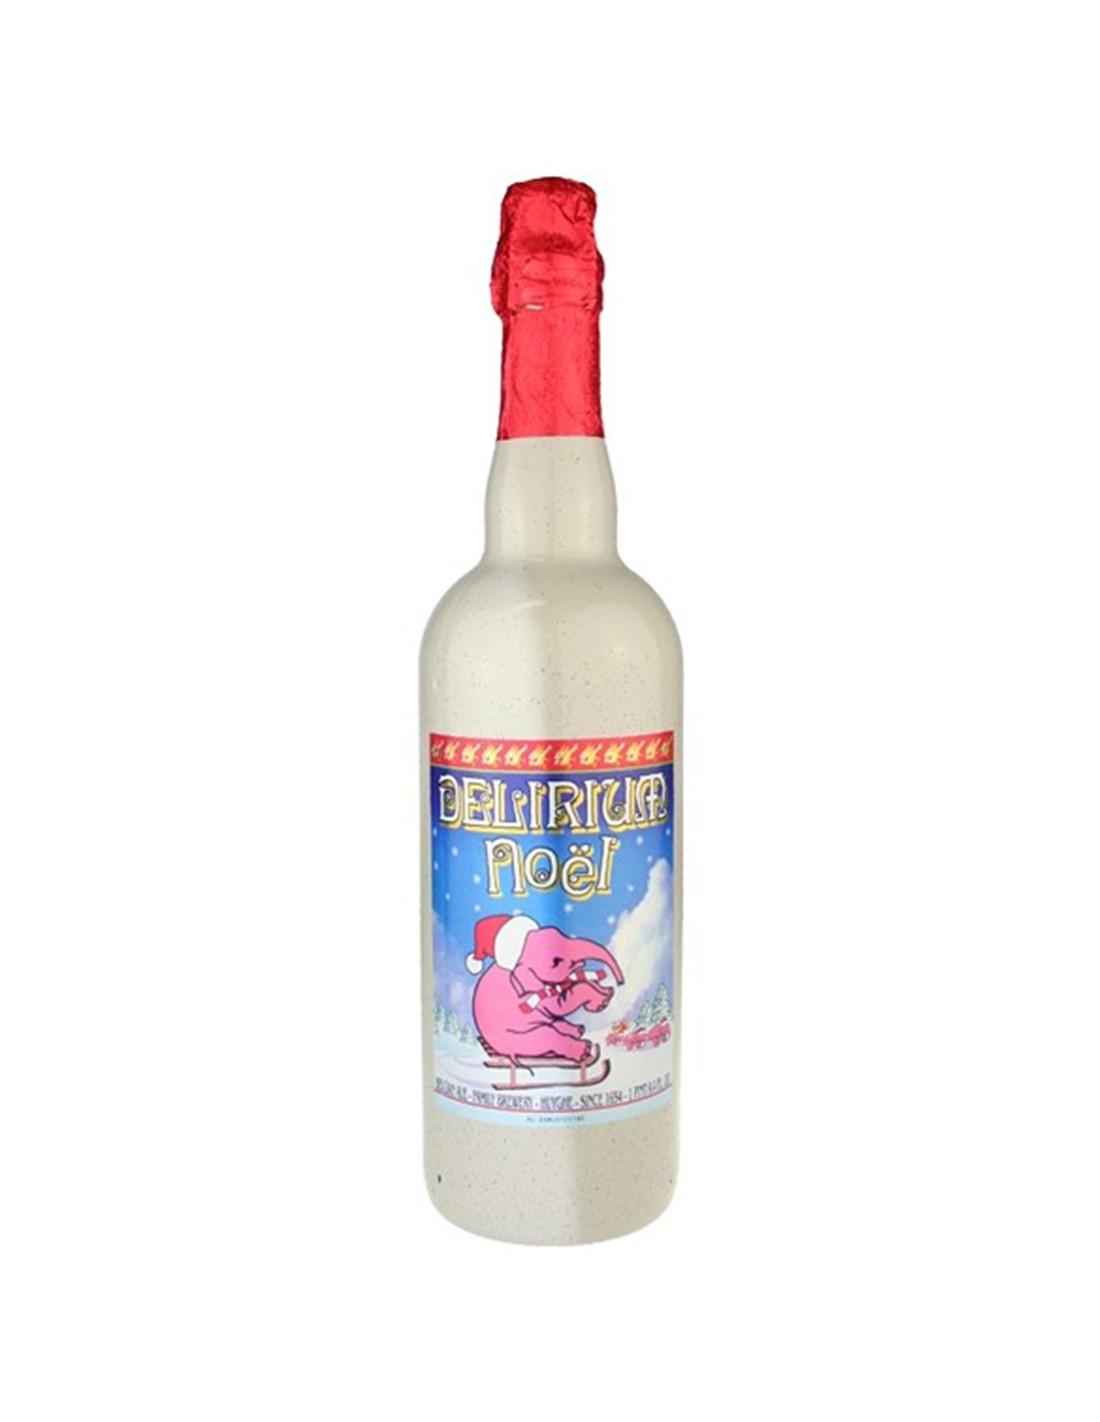 Bere bruna Ale, Delirium Noel, 10% alc., 0.33L, Belgia image0